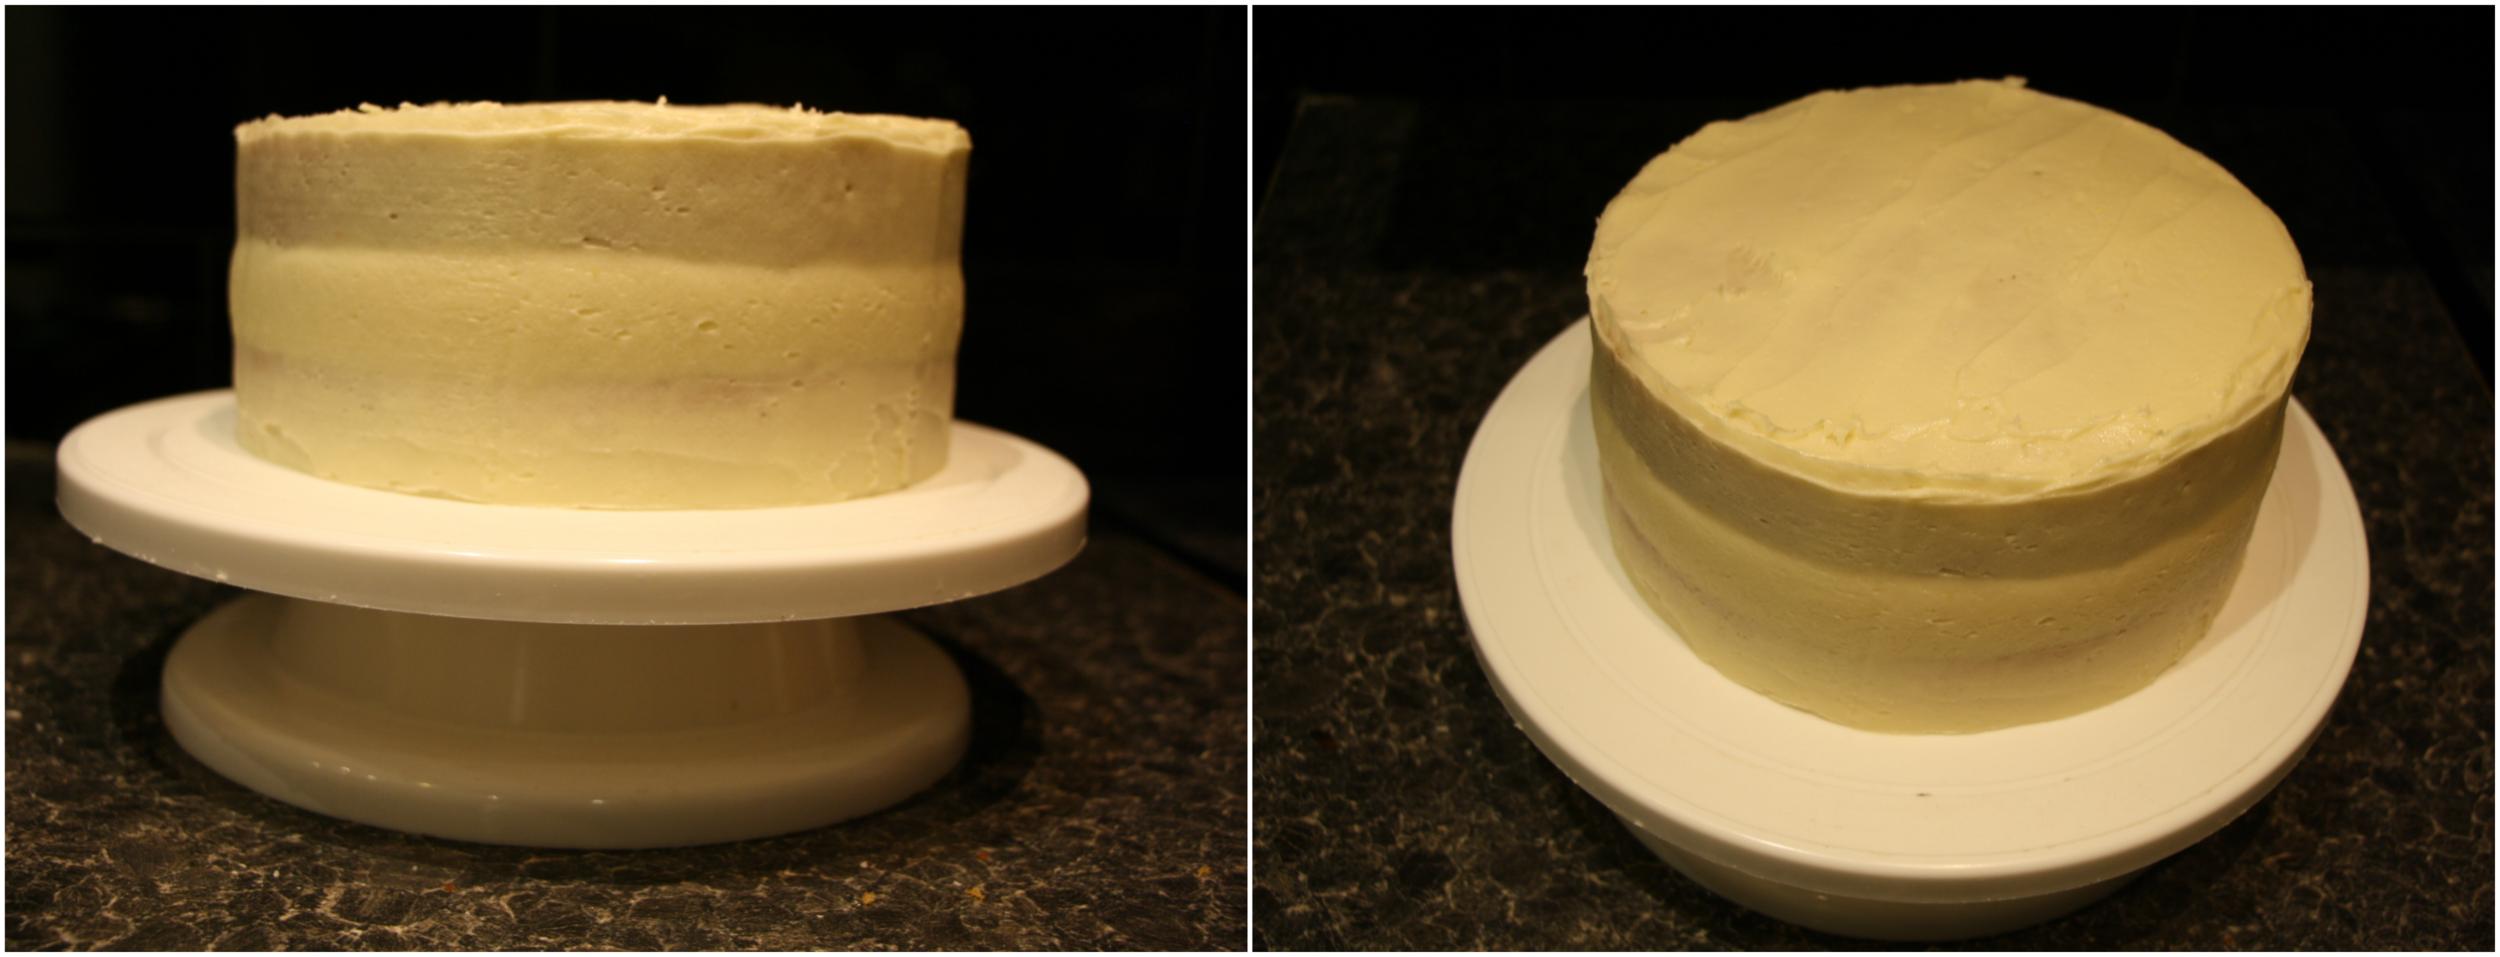 cake coating process